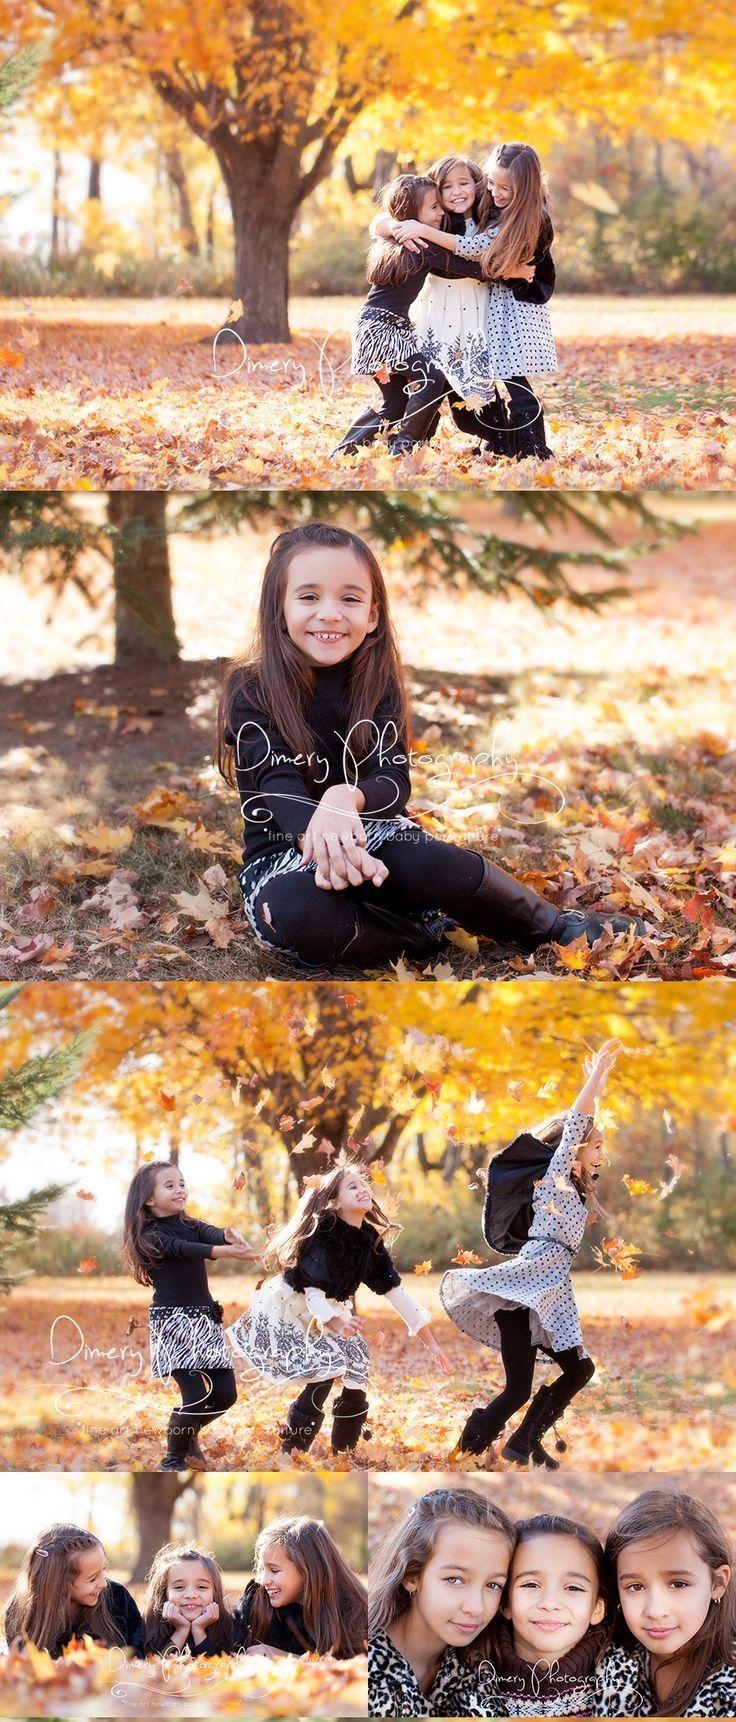 Autumn Playful Kids Photo Idea